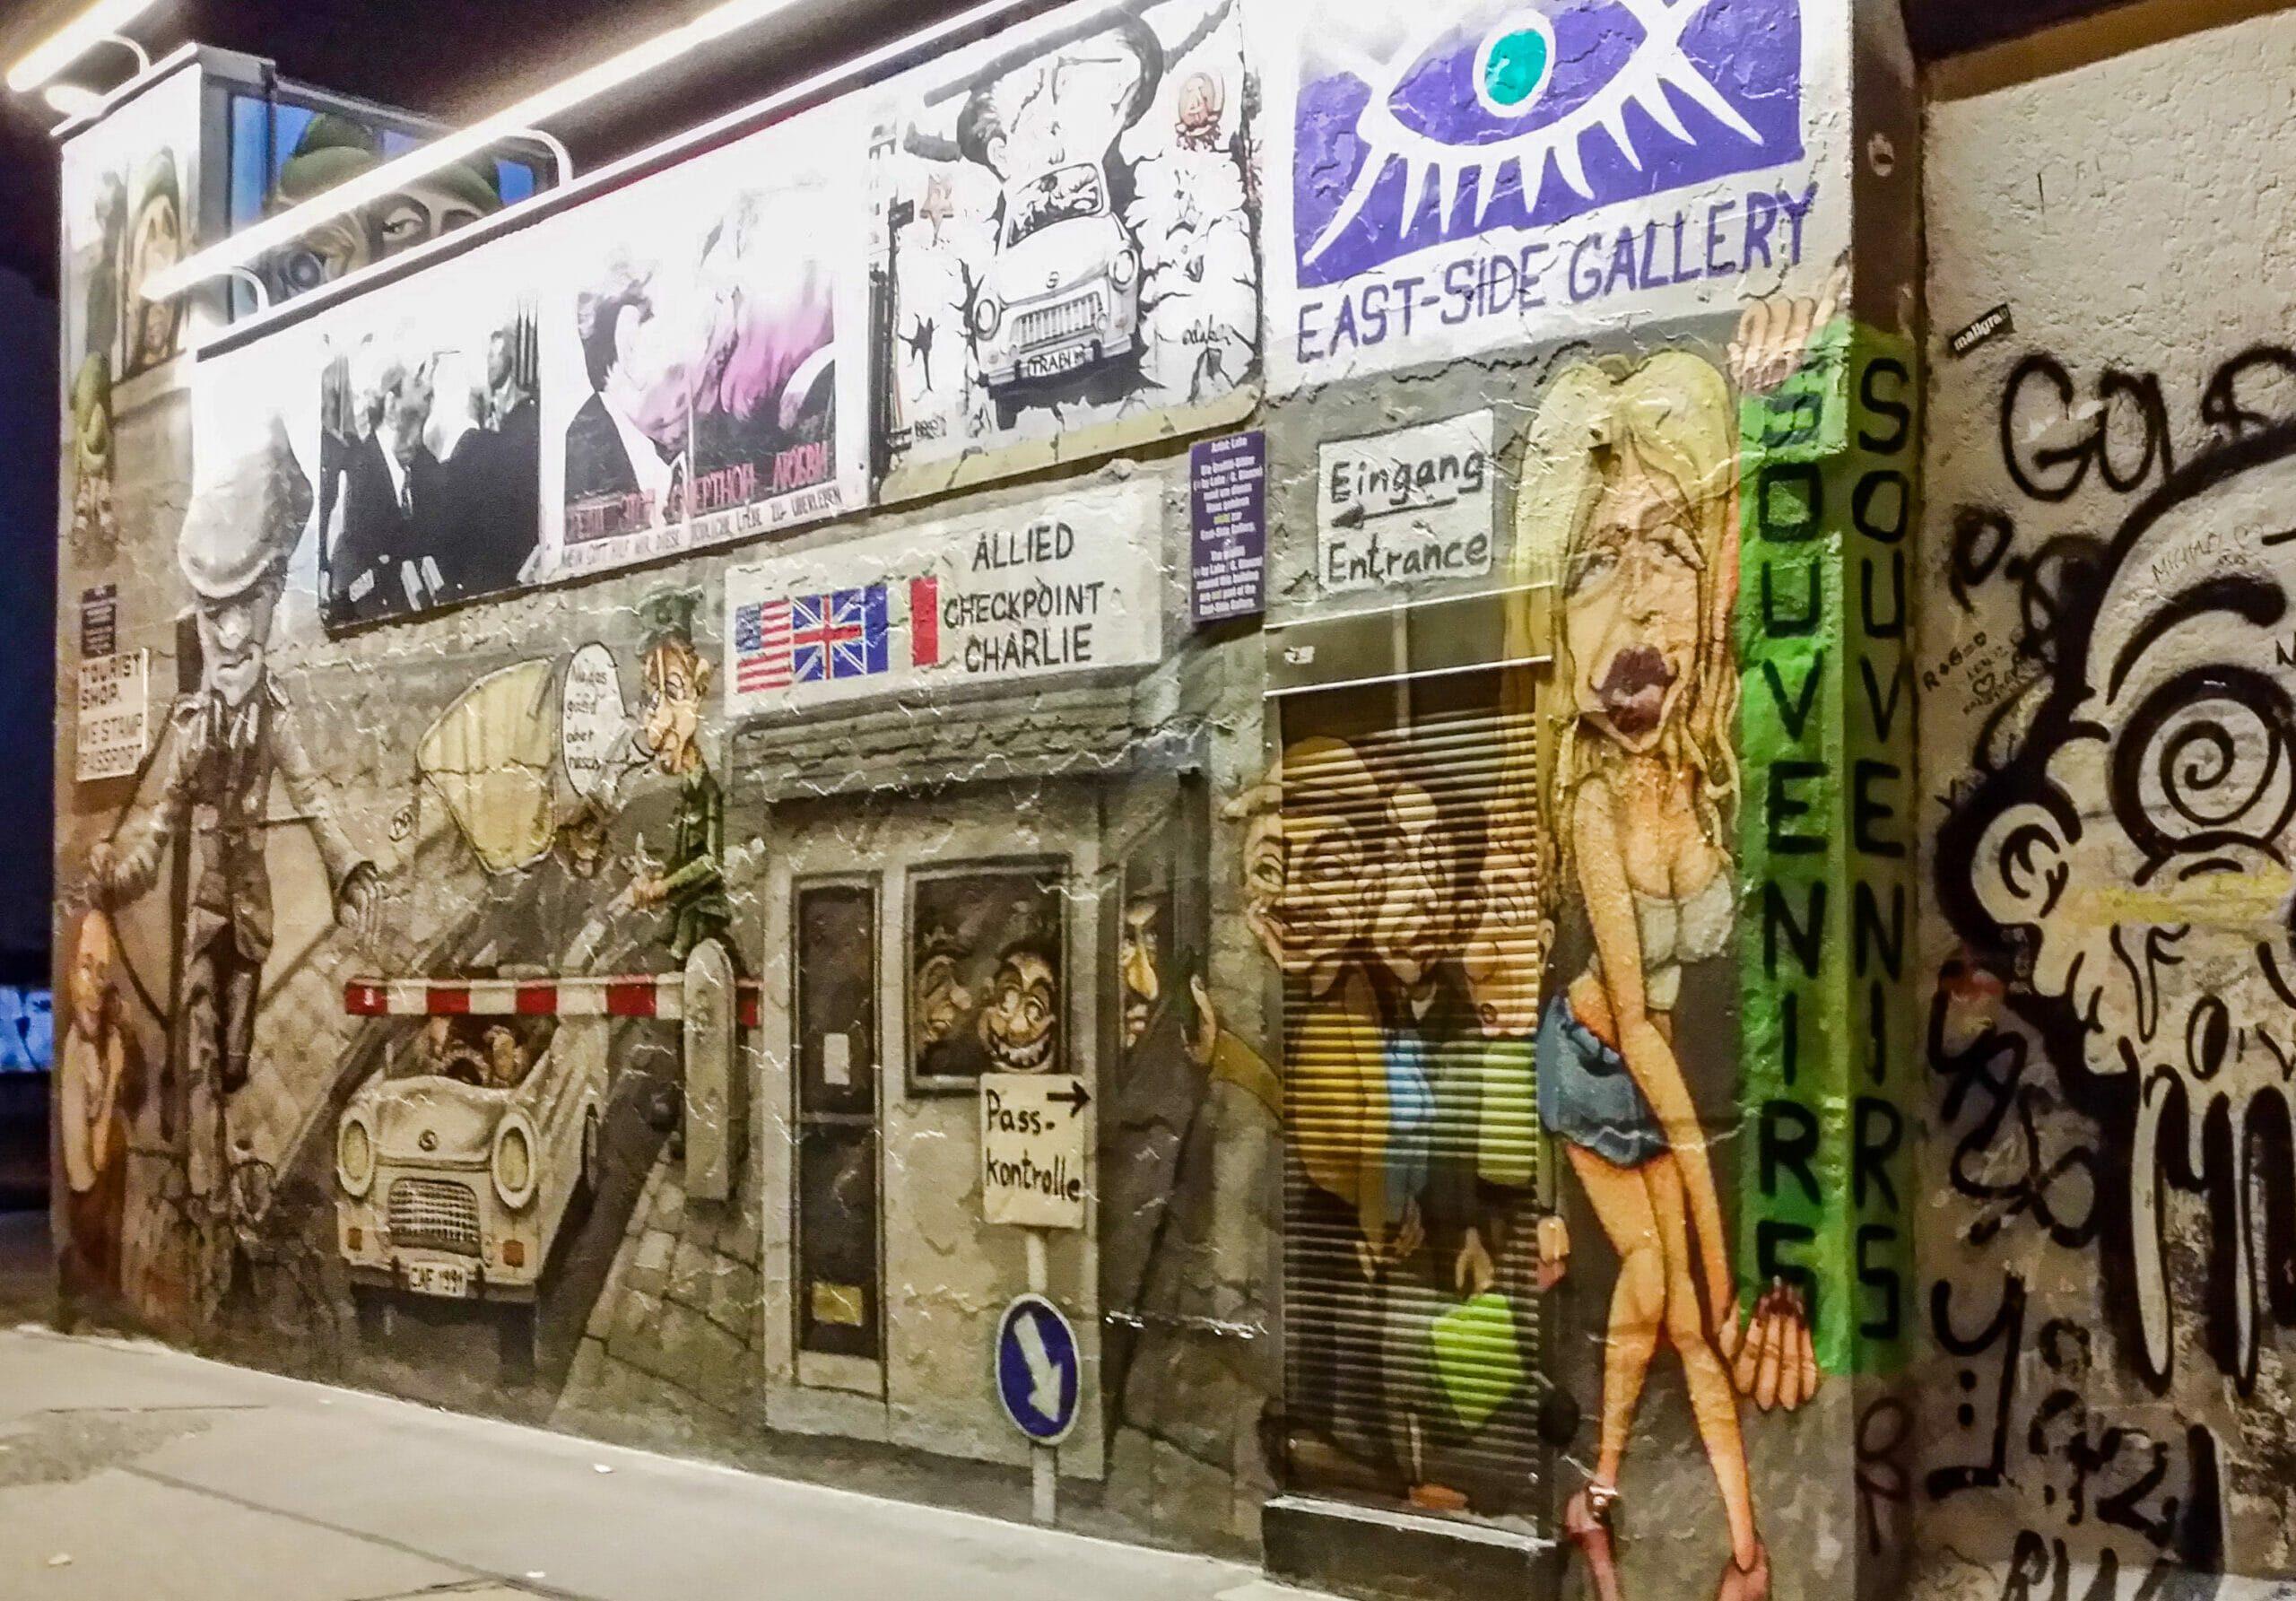 Mur Berlin East Gallery 2015 Entree